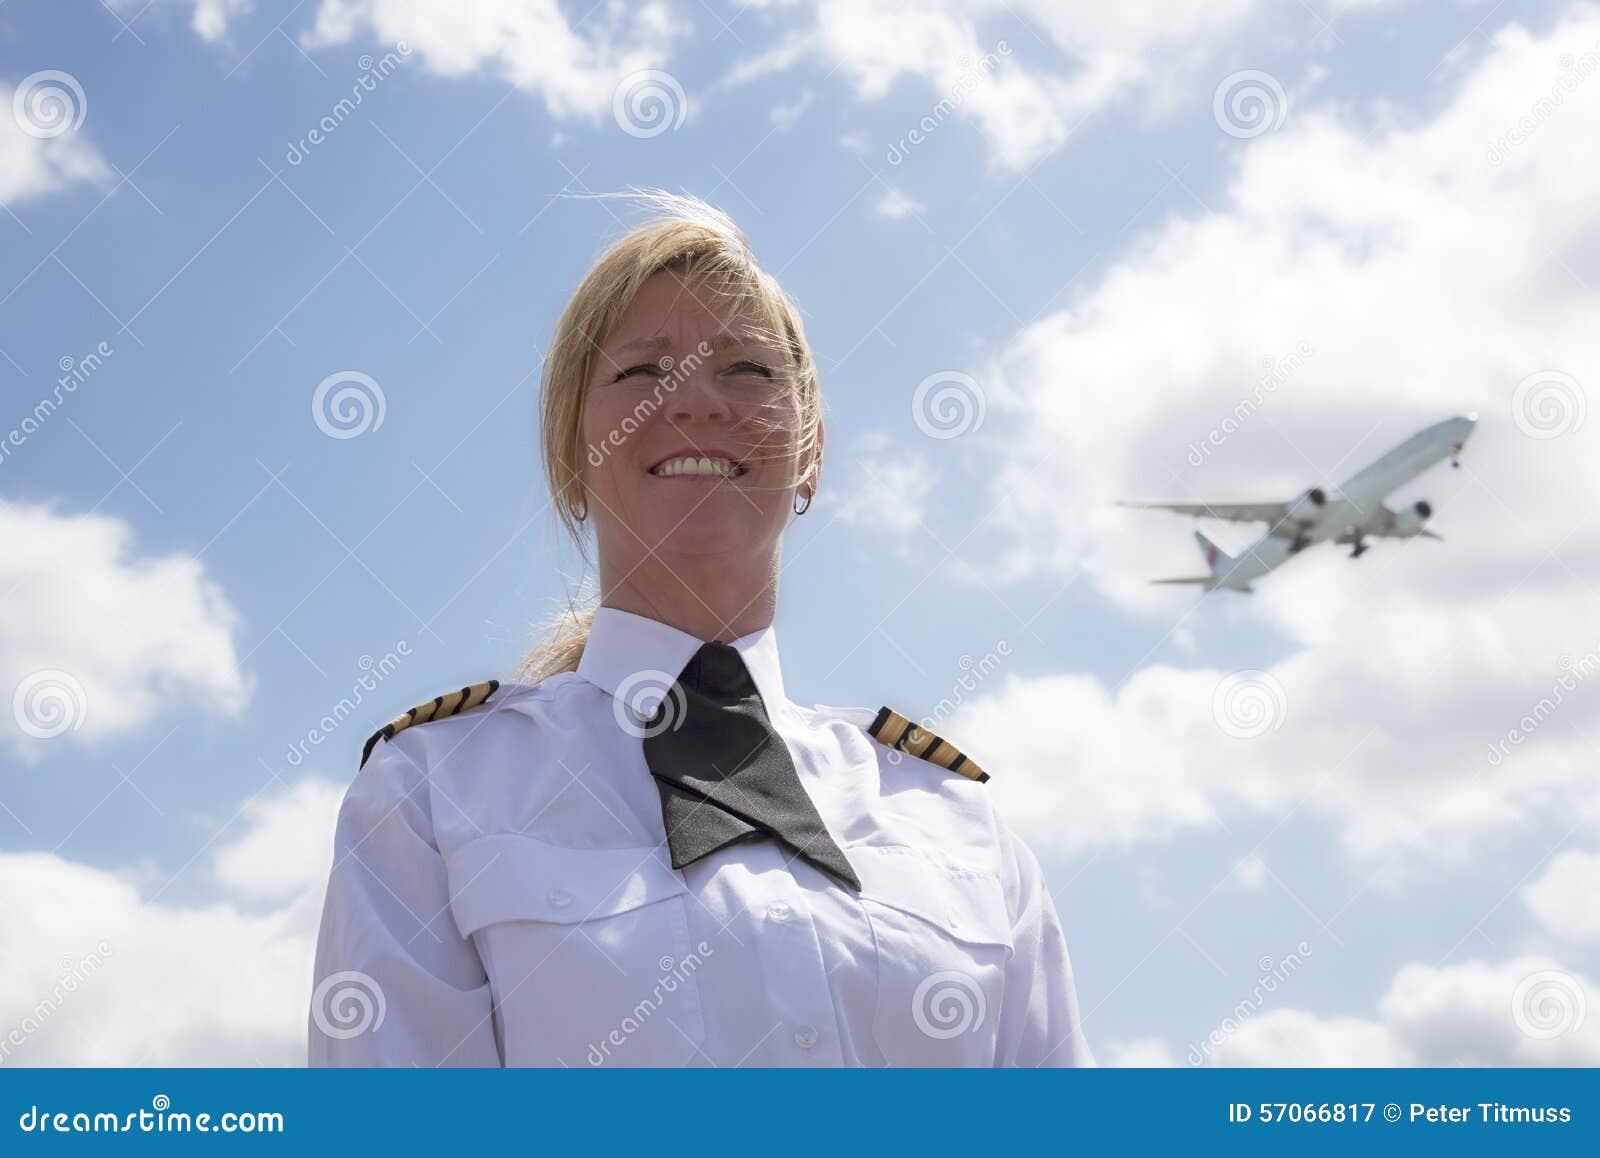 Vrouwelijke proef met een voorbijgaande passagiersstraal in hemel